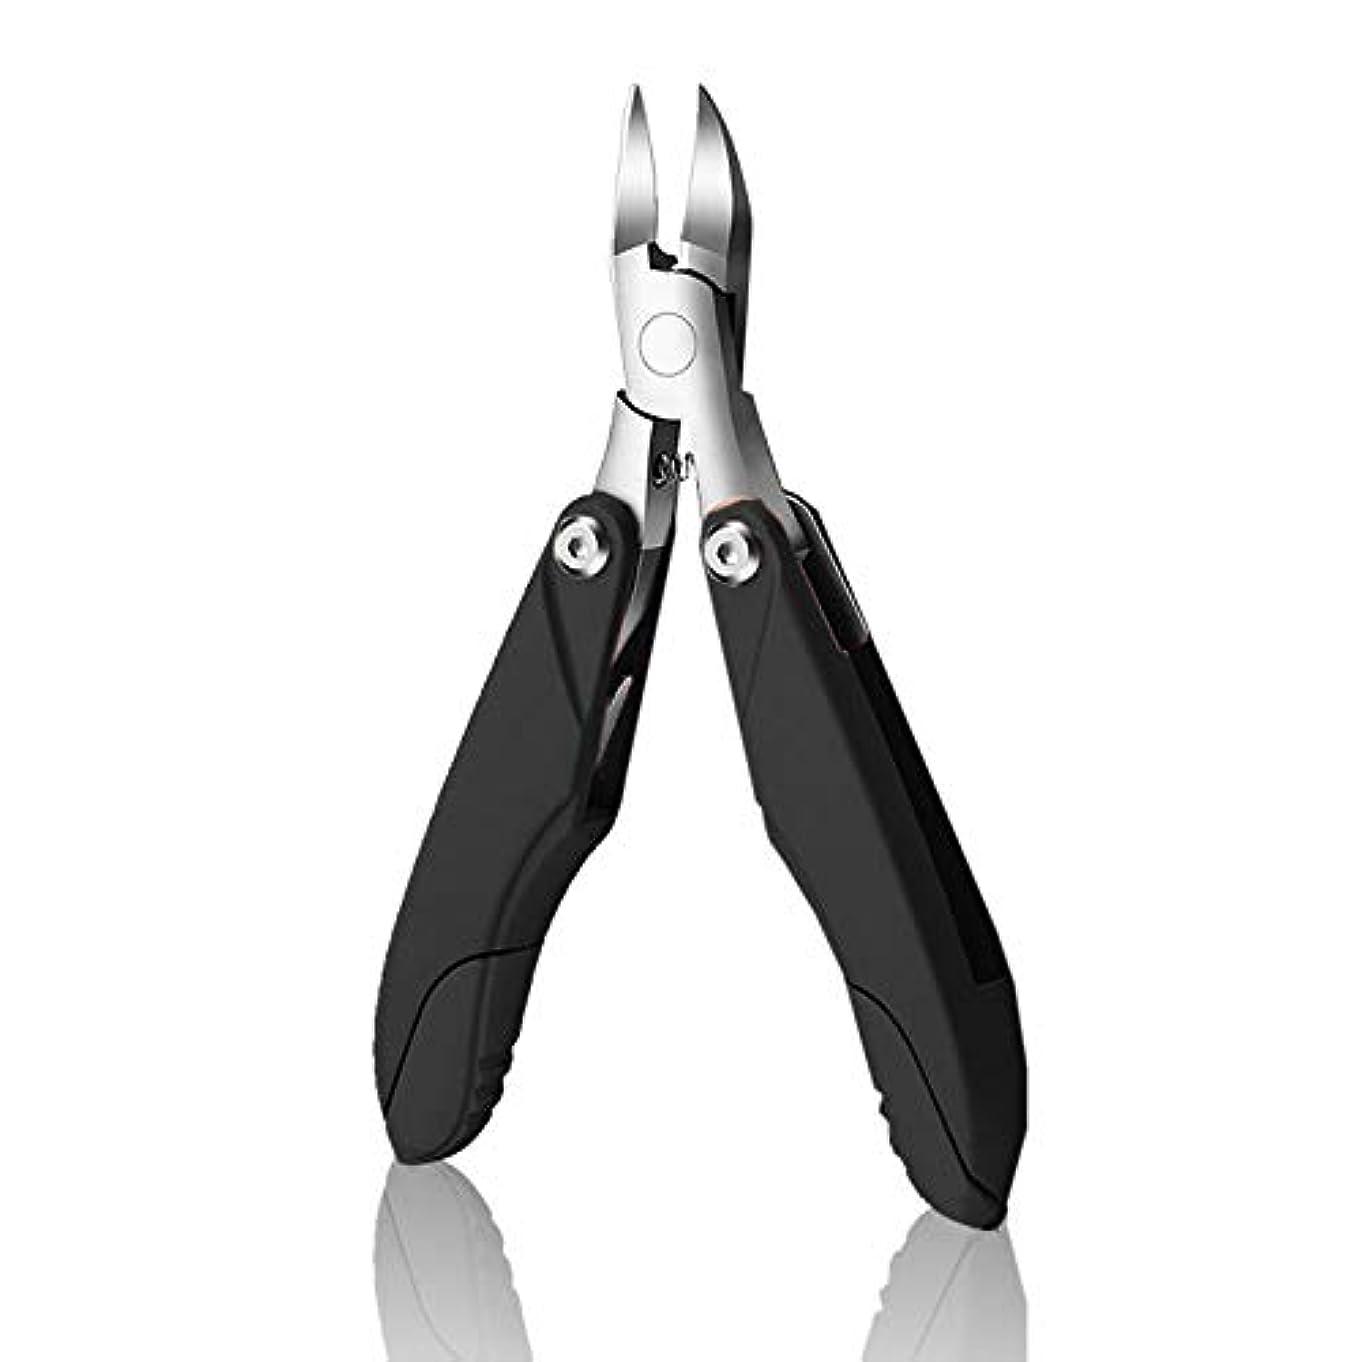 無効症状放出爪切り3in1 ニッパー ブラック ステンレス製 折り畳み式 巻き爪 硬い爪などにも対応 ゾンデ/爪やすり付き 手足兼用